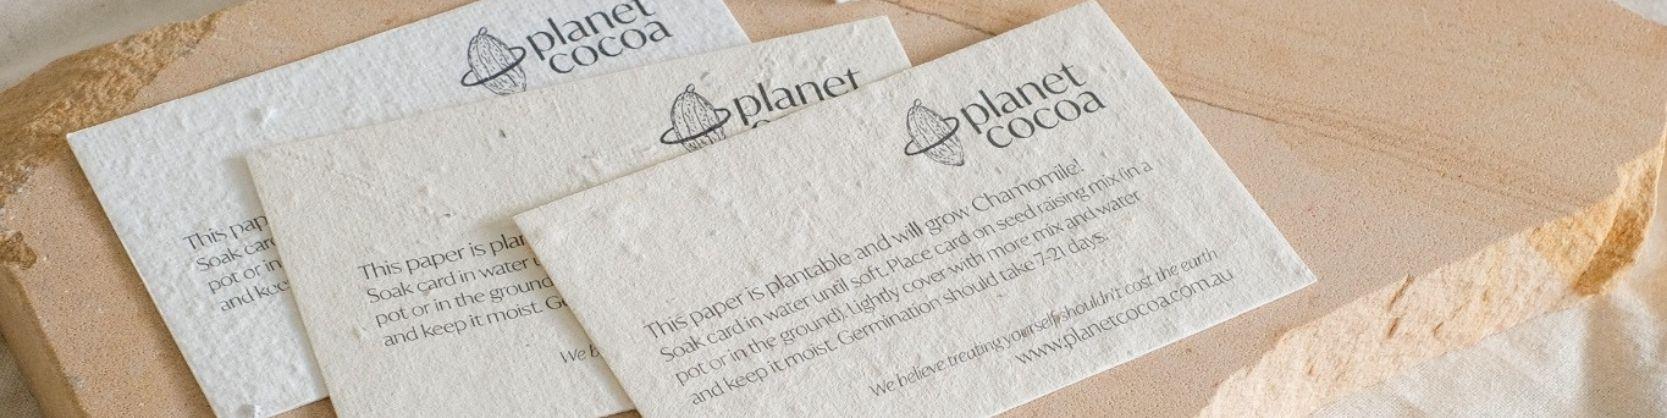 Planet Cocoa